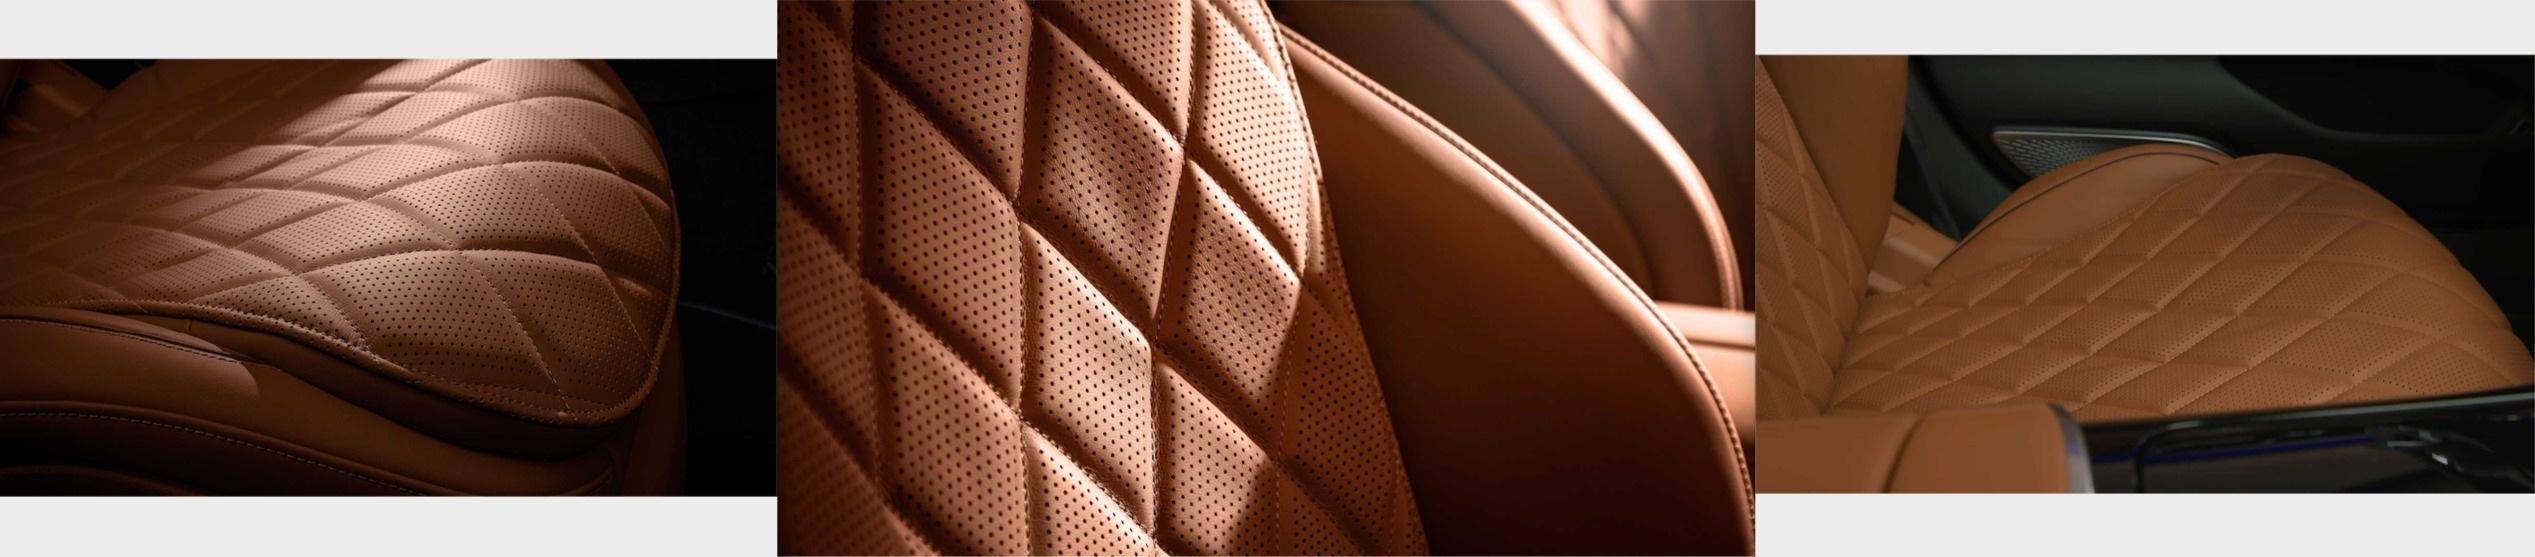 Soi chi tiết nội thất Mercedes S-Class thế hệ mới - 6